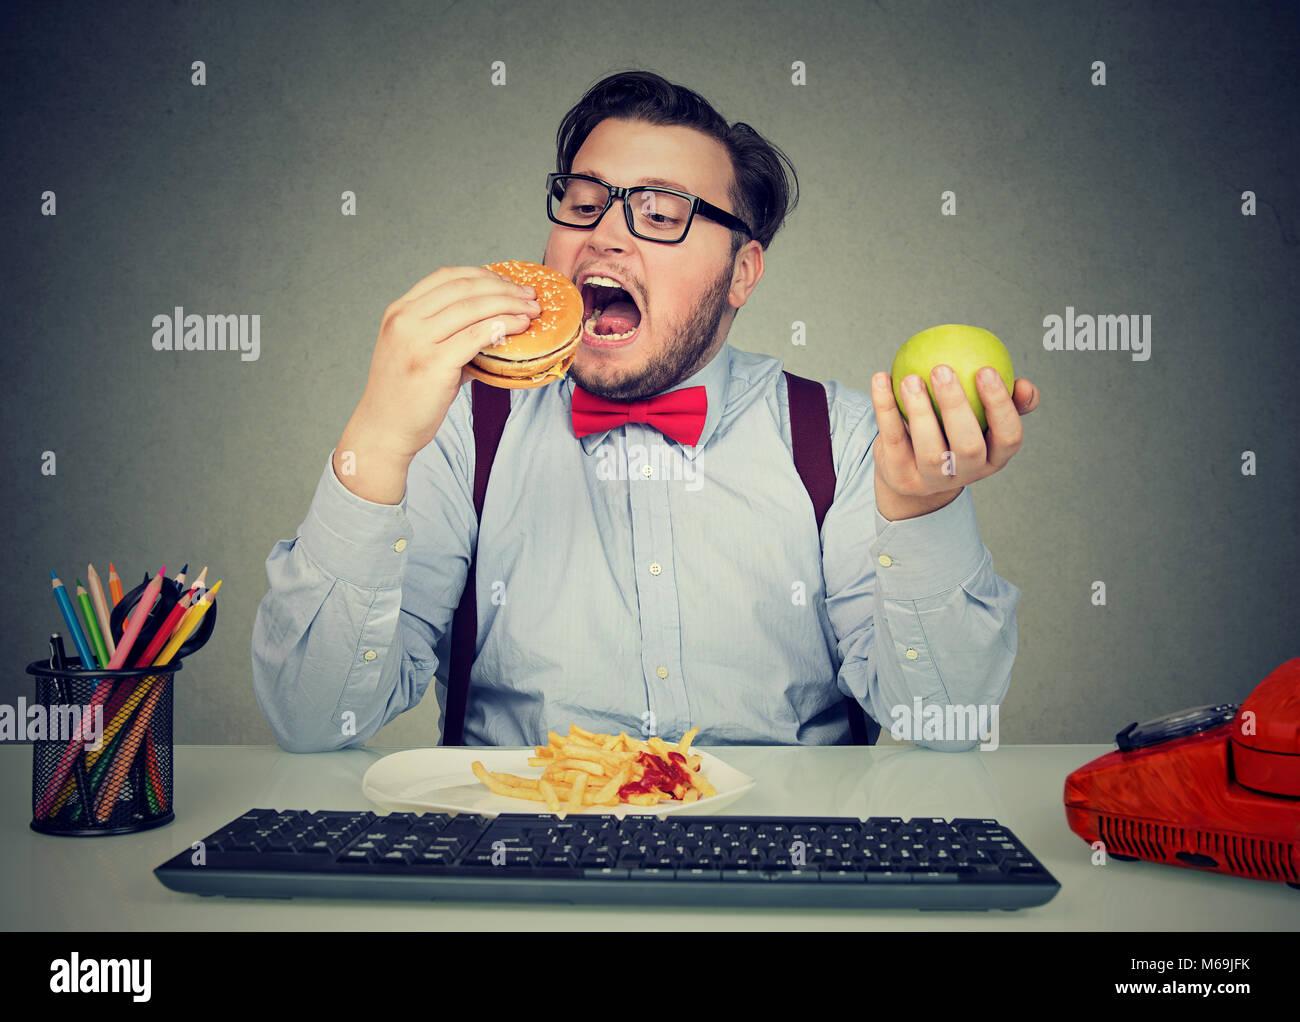 Giovane uomo mangiare hamburger con patatine fritte invece di apple avente sedentari e modo di vita in ufficio. Immagini Stock